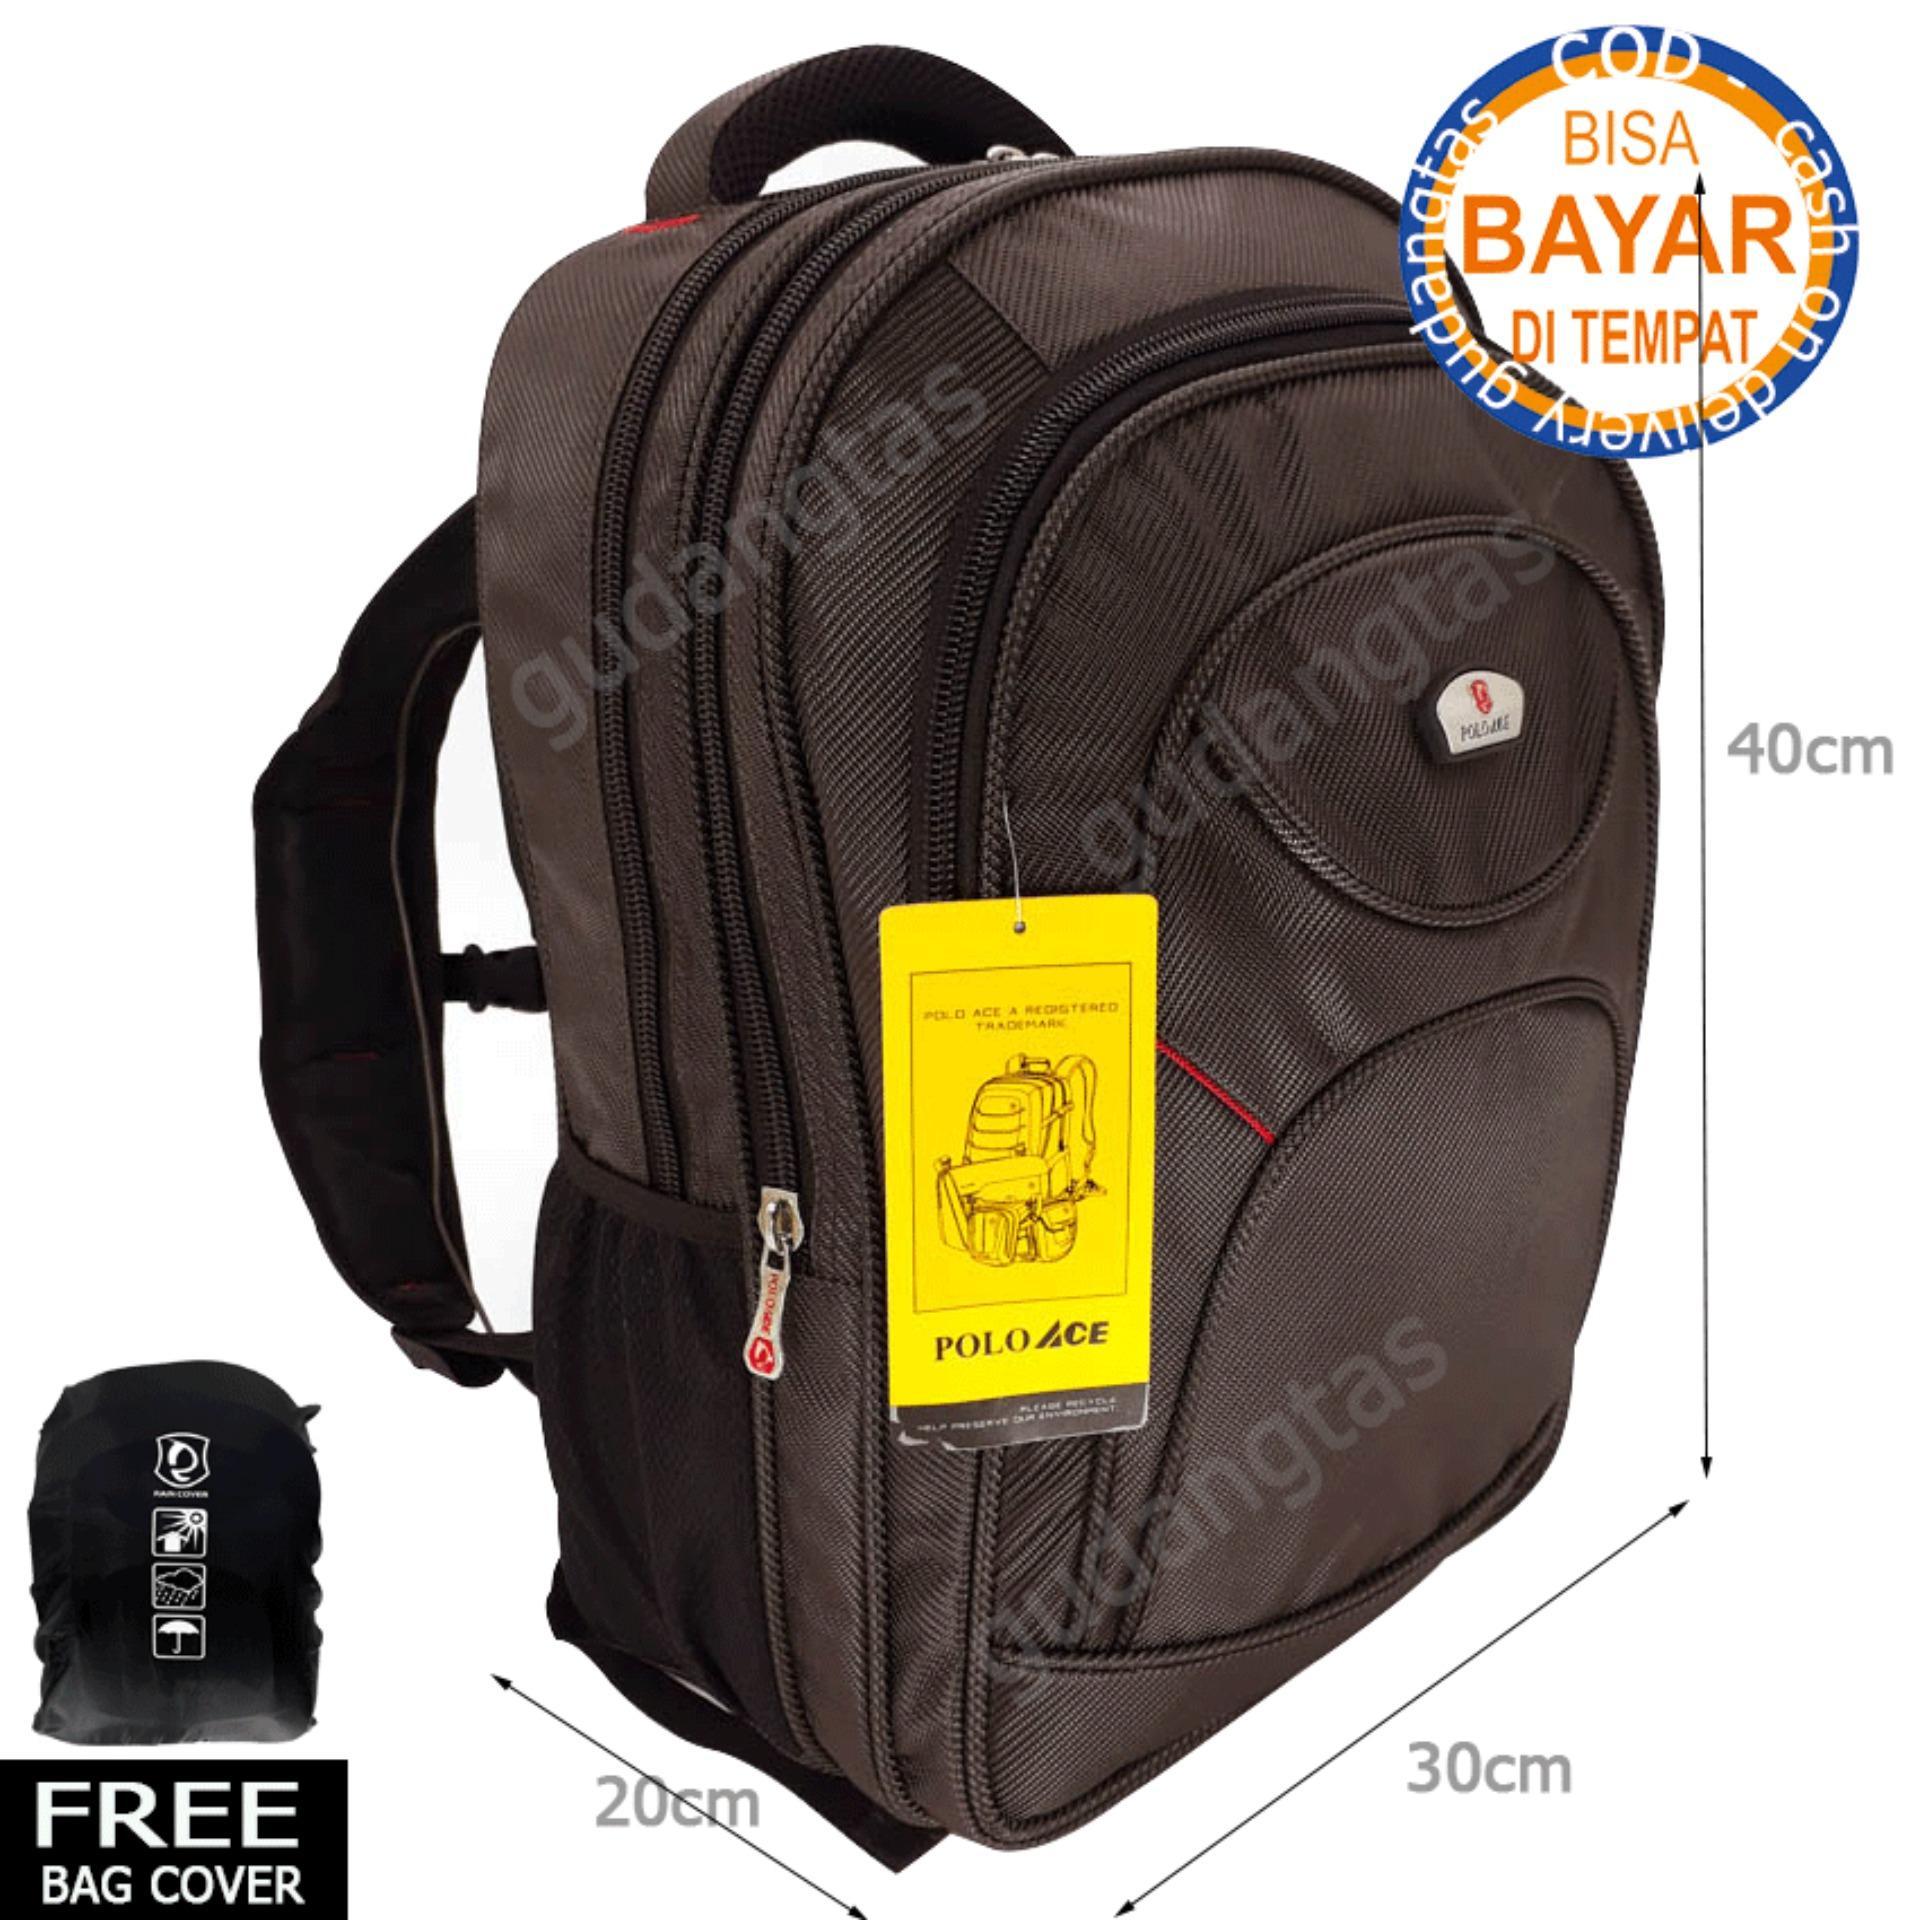 Kelebihan Polo Design Tas Ransel 18 Inchi 78316 Laptop 14 Ace Backpack 9085 Coklat Pria Wanita Gudangtas Bonus Bag Cover